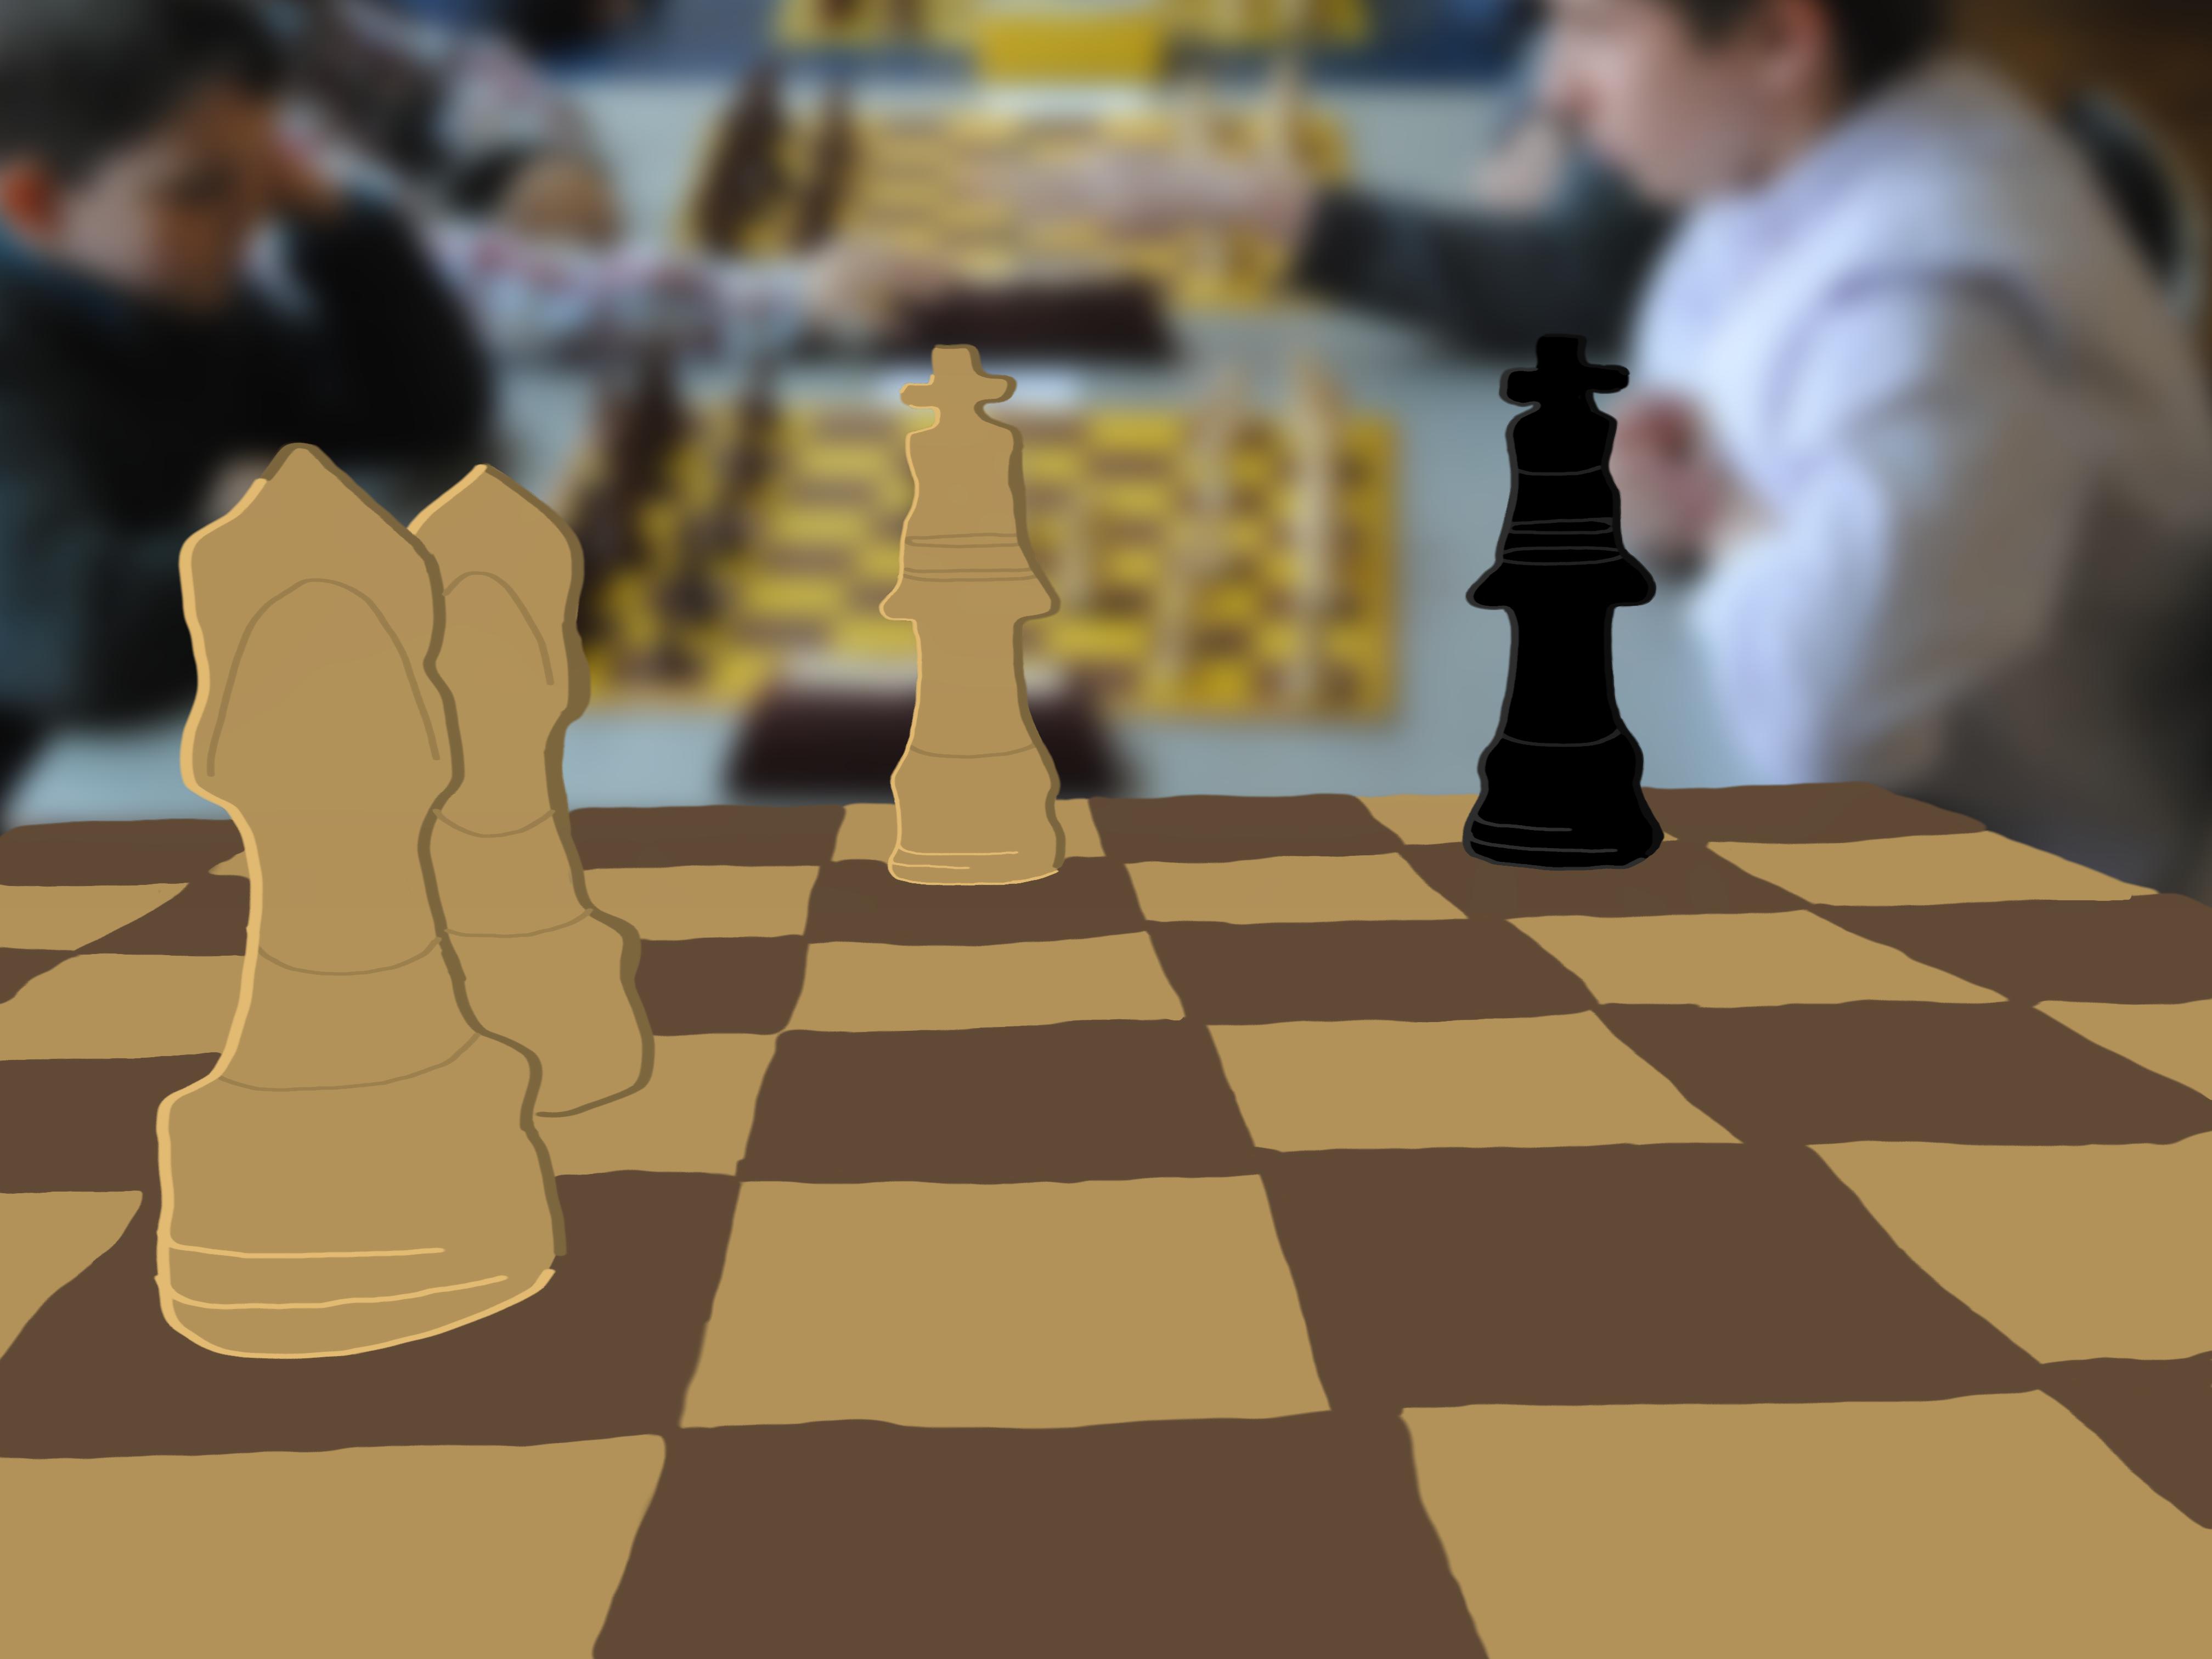 król, para gońców, goniec, piękno szachów, szachownica, grafika, Tomasz Dulny, Gimnazjum nr 13 im. Unii Europejskiej we Wrocławiu, szachy dla dzieci, bierki szachowe, interaktywny podręcznik szachowy, matowanie dwoma gońcami,